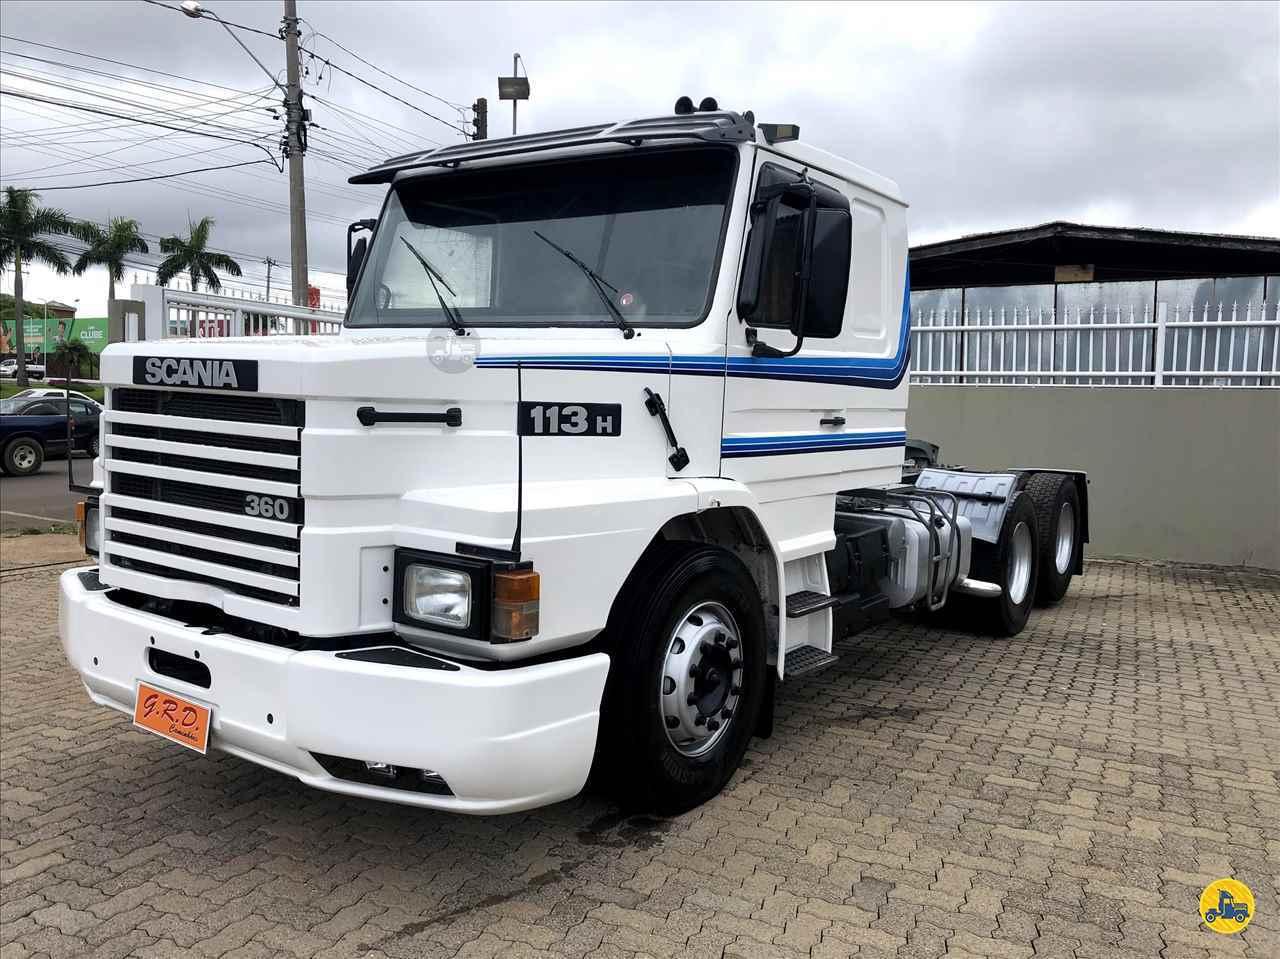 CAMINHAO SCANIA SCANIA 113 360 Cavalo Mecânico Truck 6x2 G.R.D. Caminhões CHAPECO SANTA CATARINA SC